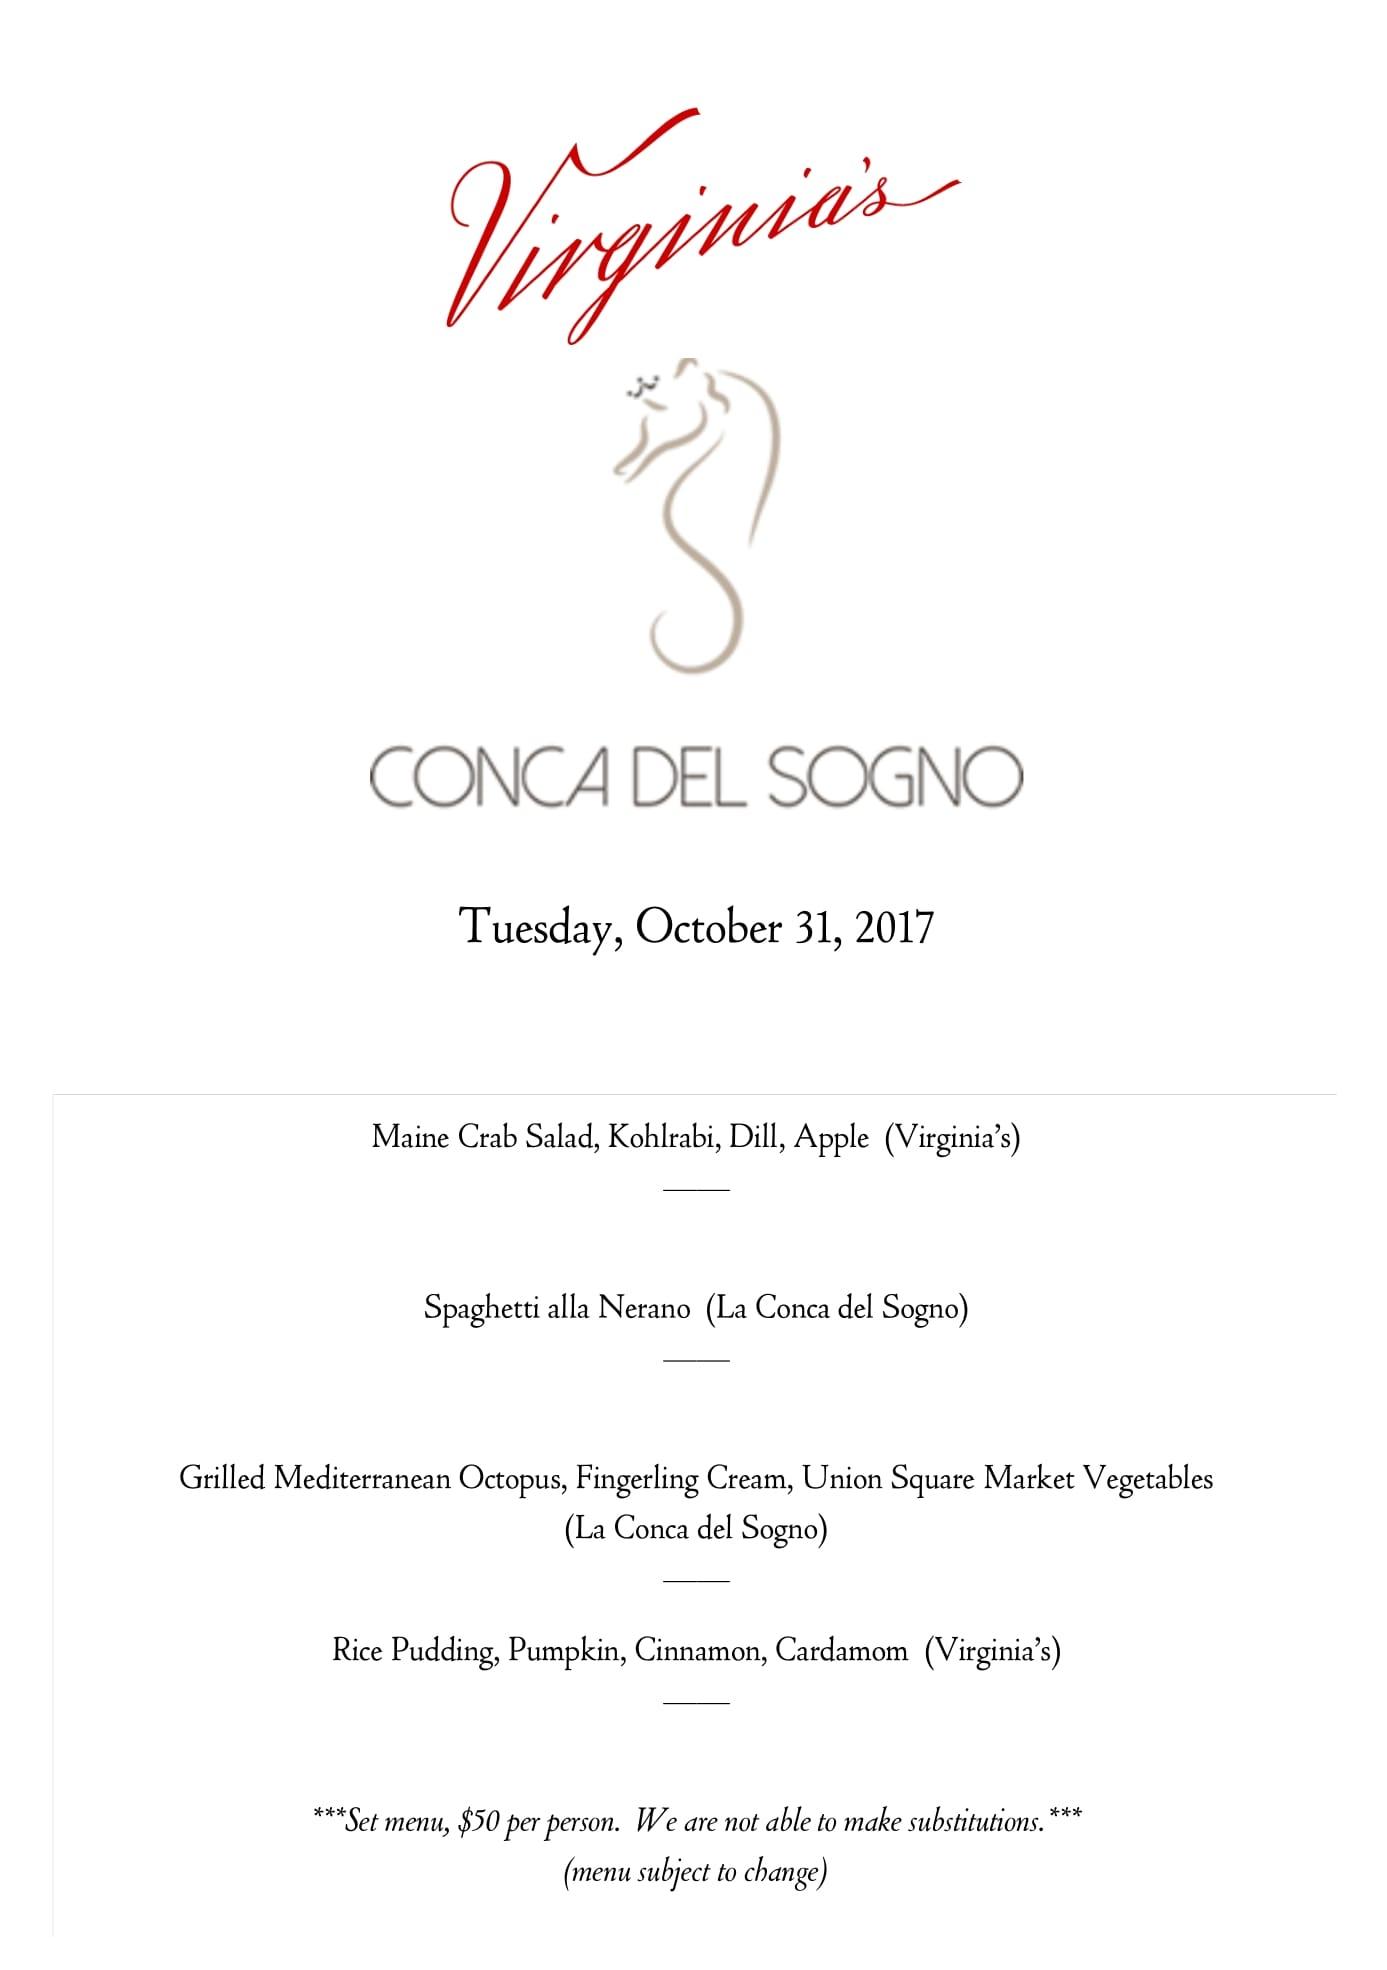 La Conca Del Sogno COLLAB MENU PDF-1.jpg